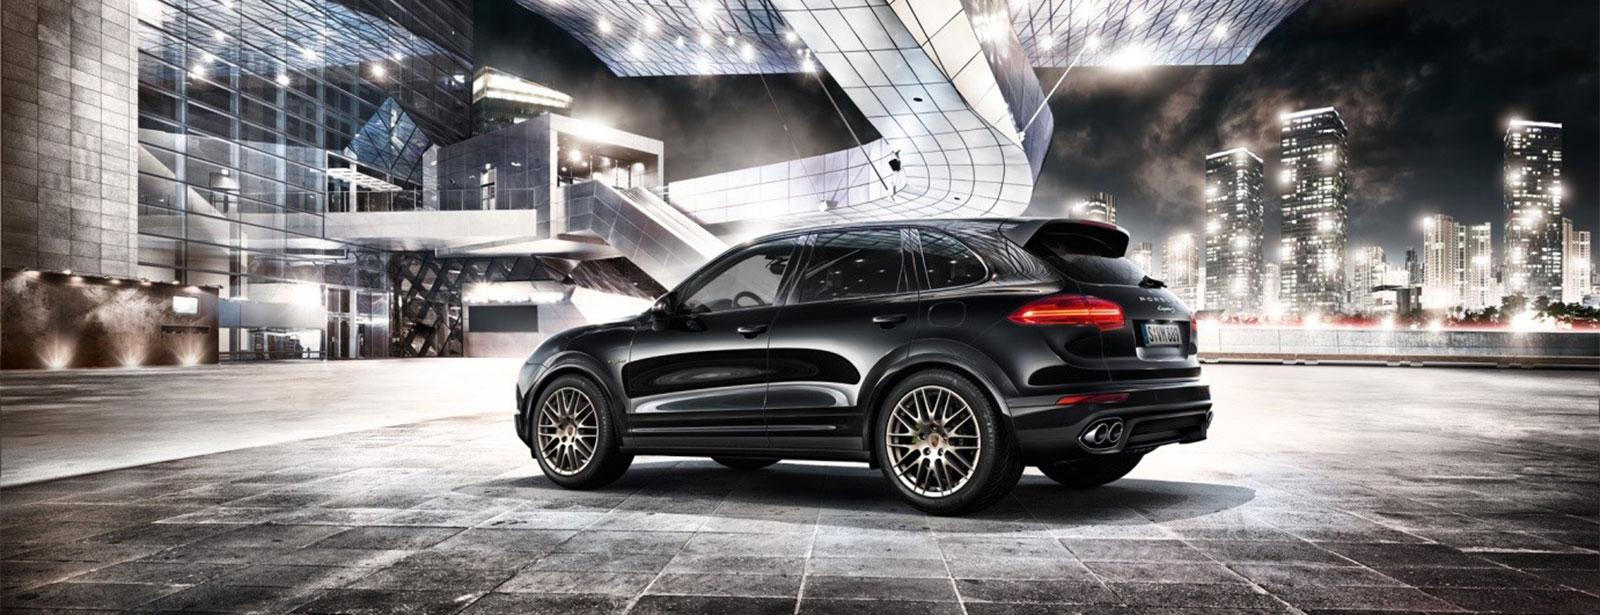 Unser exklusives Leasingangebot: Die Porsche Cayenne Diesel Platinum Edition.